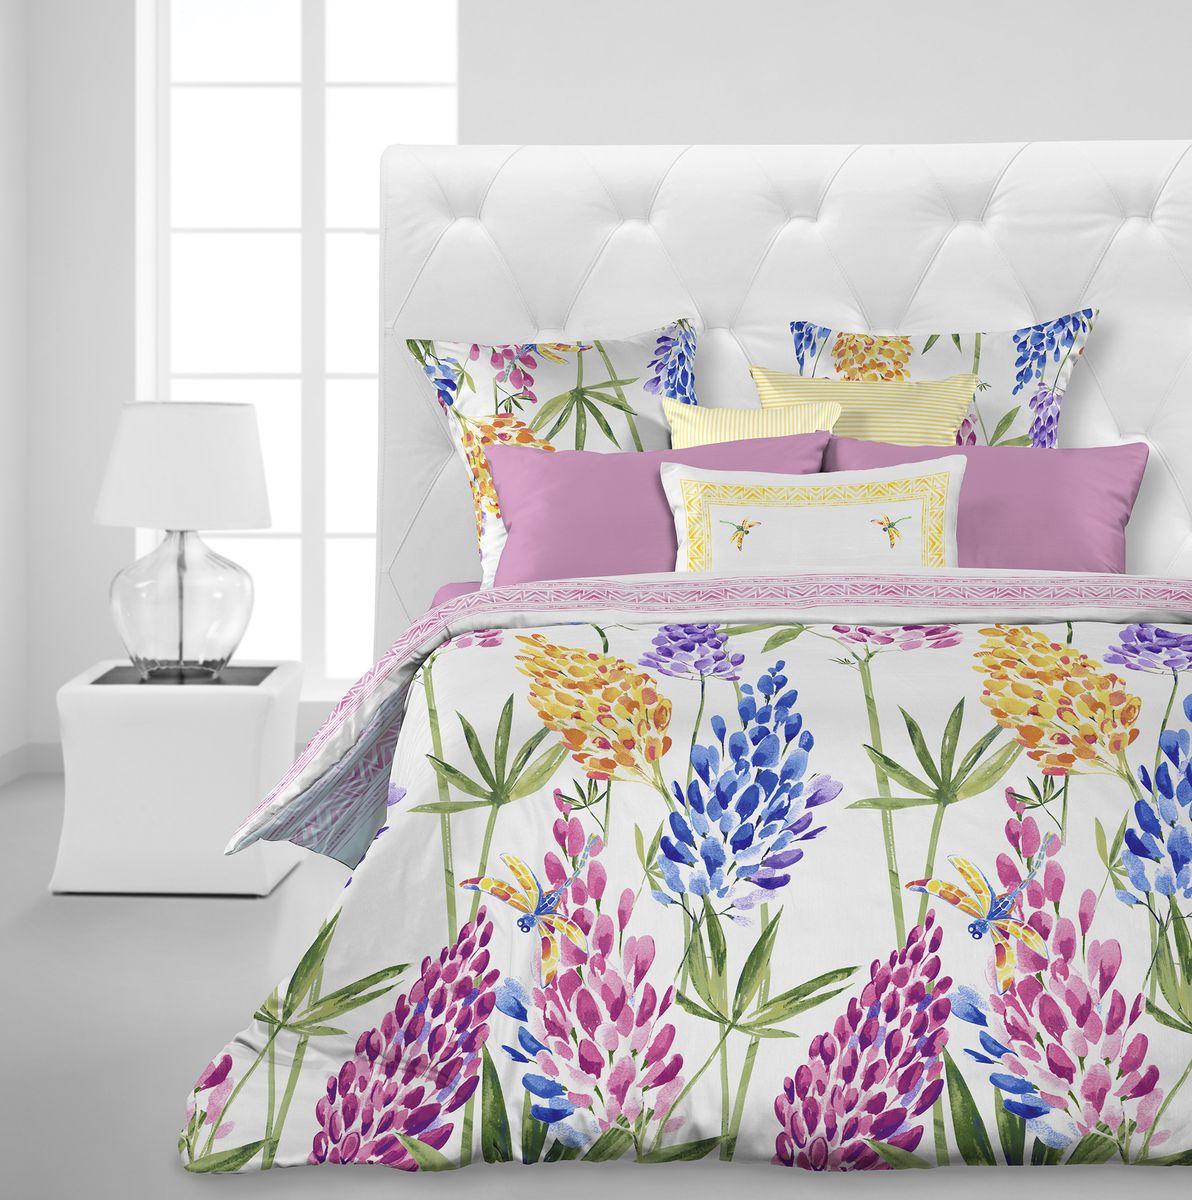 Комплект белья Carte Blanche Lupinus, 1,5-спальный, наволочки 70x70. 335912335912